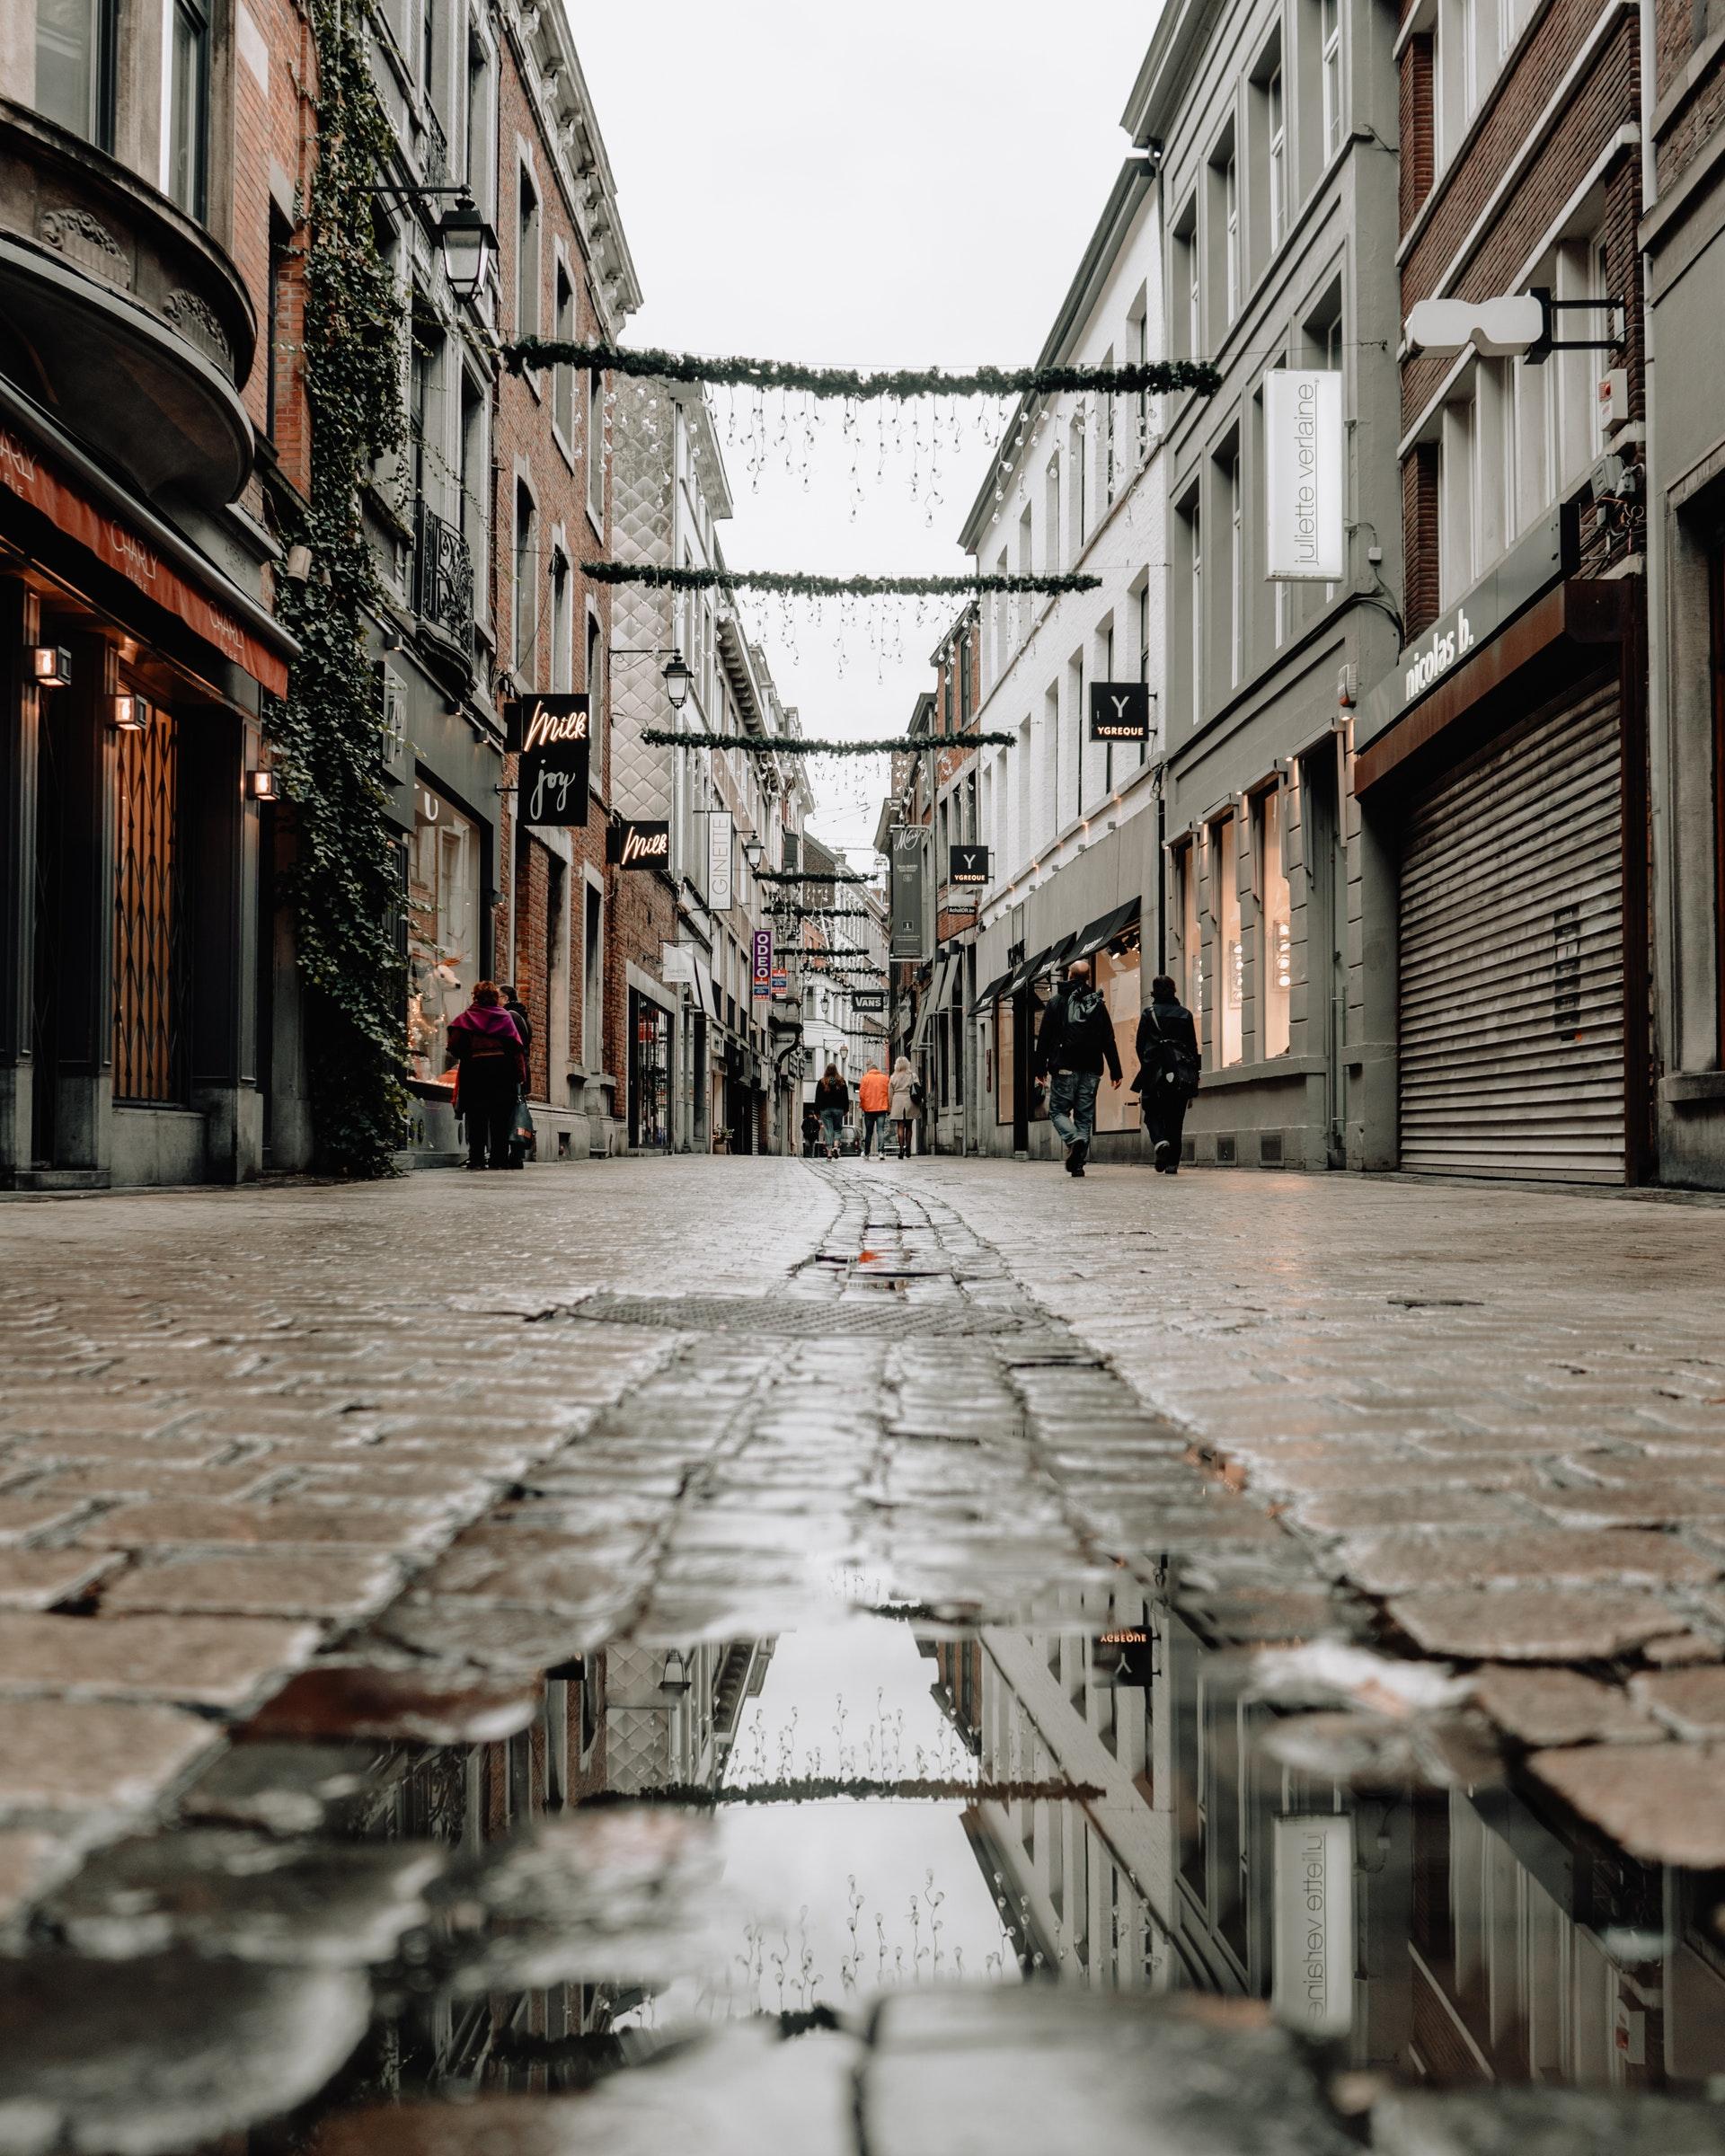 4 zasady fotografii ulicznej (street photography)